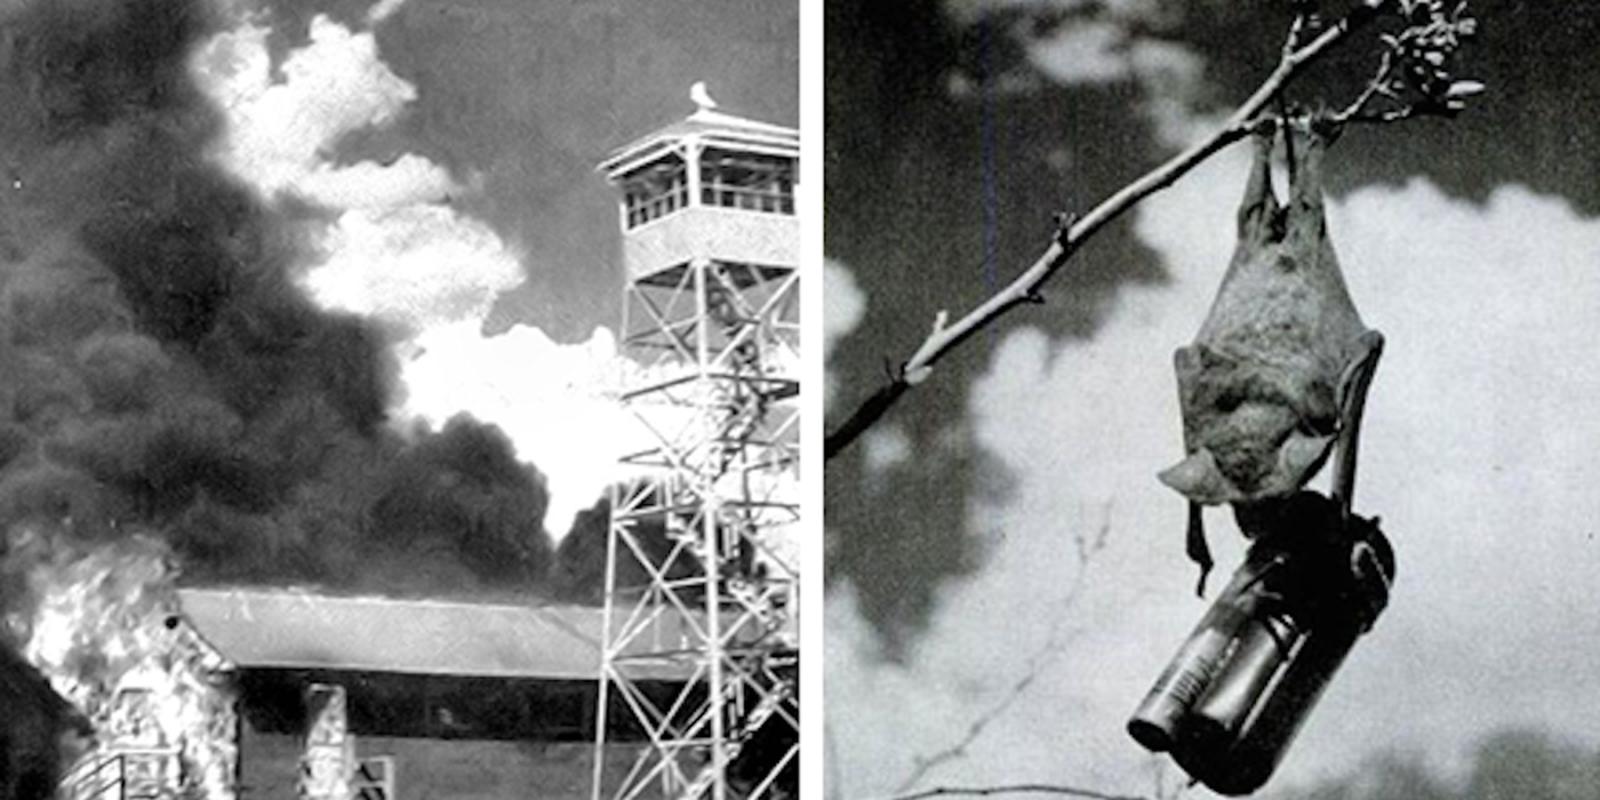 Giai ma du an bom doi tuyet mat cua My trong The chien II-Hinh-4